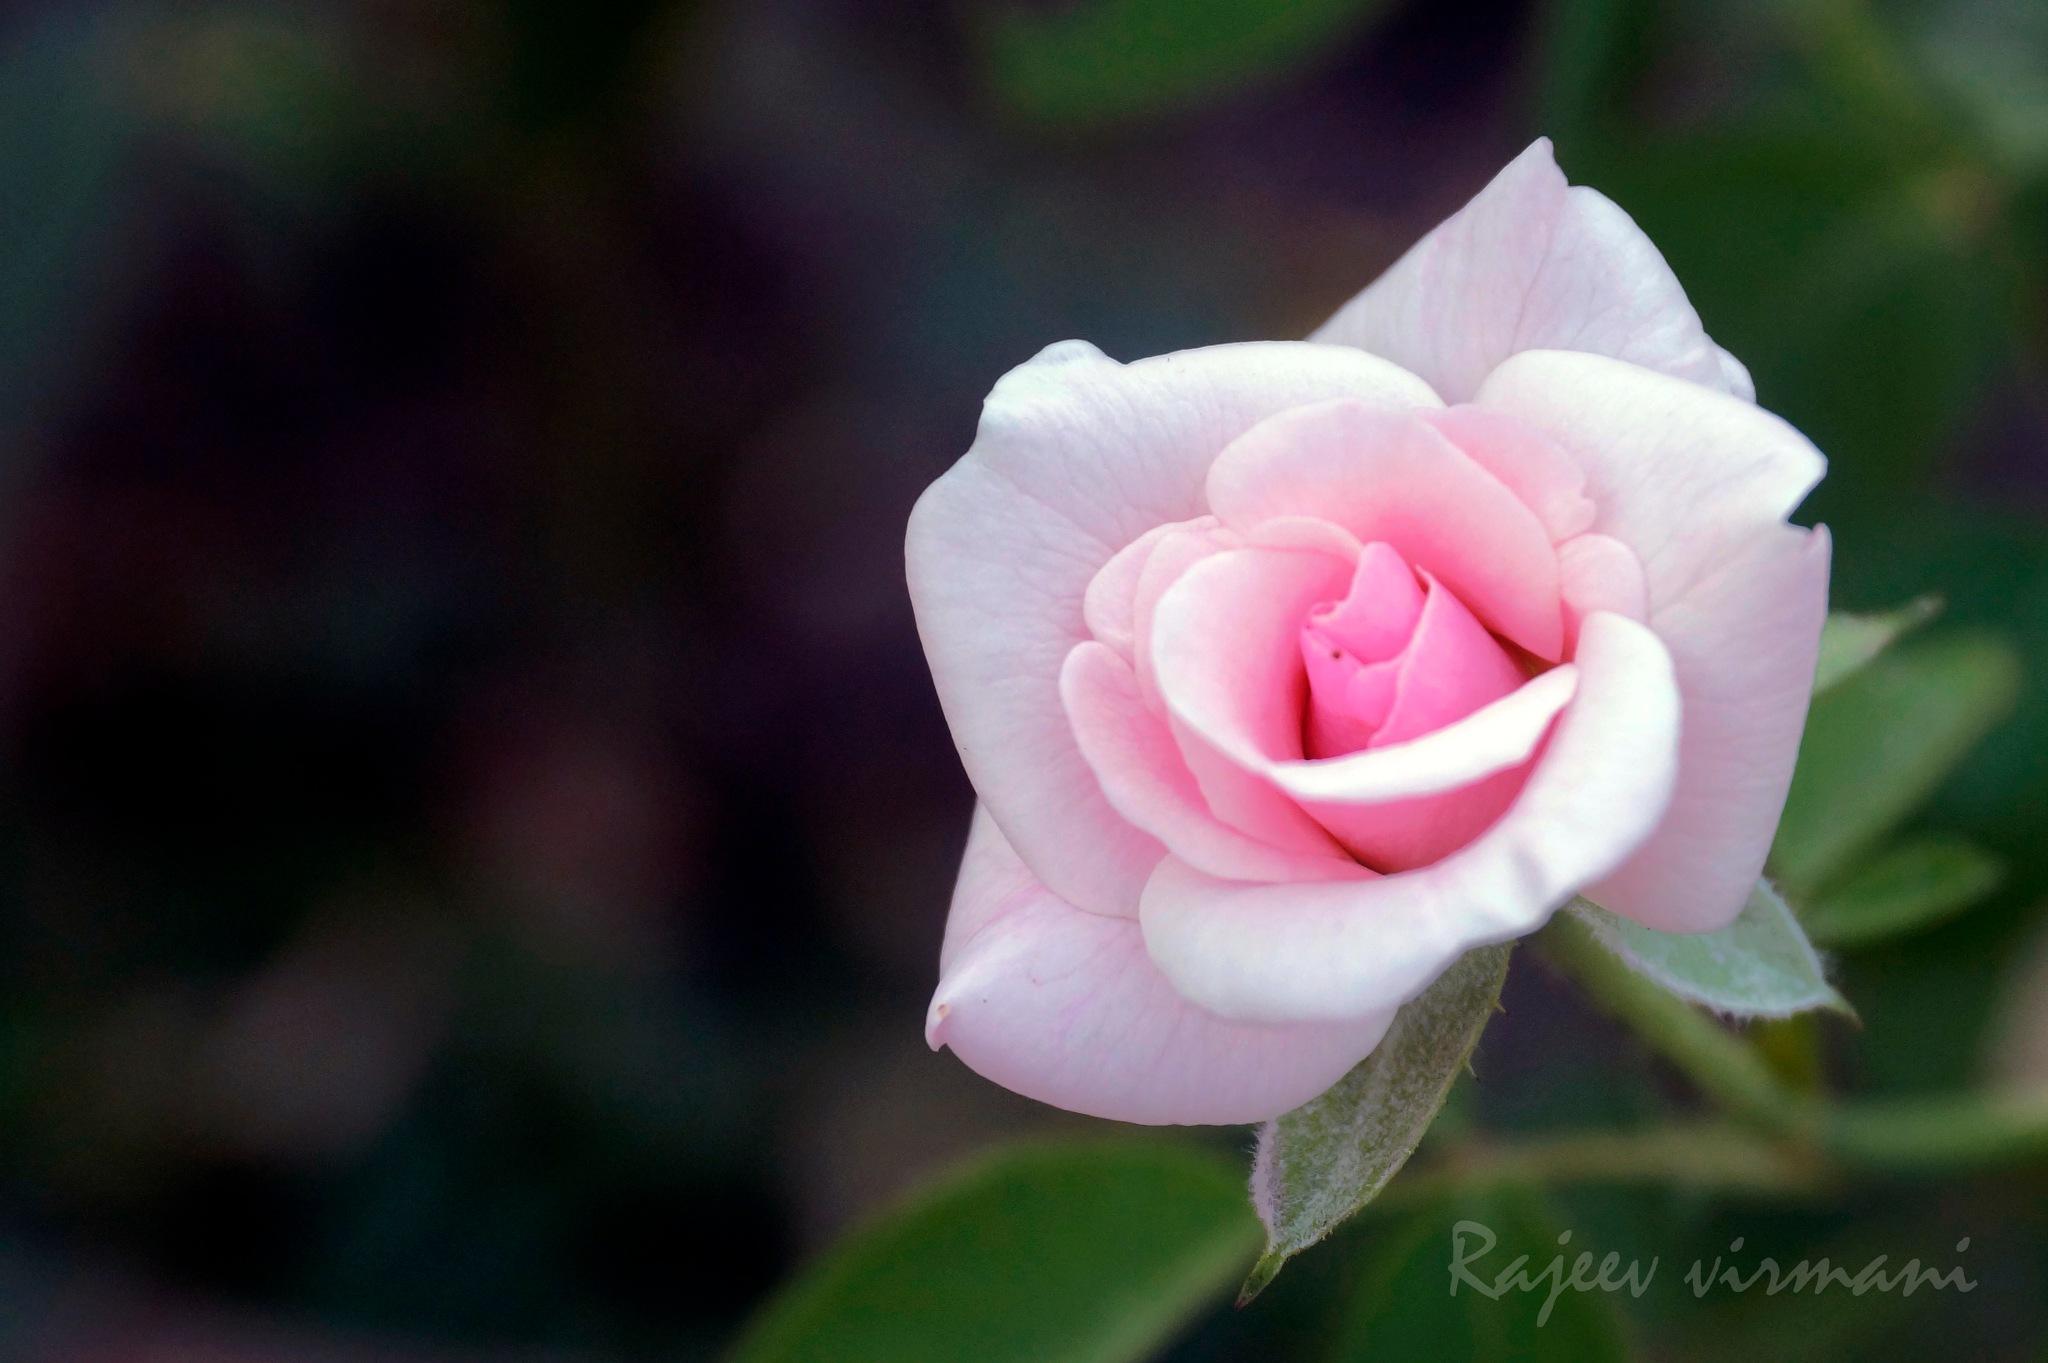 Rose by Rajeev